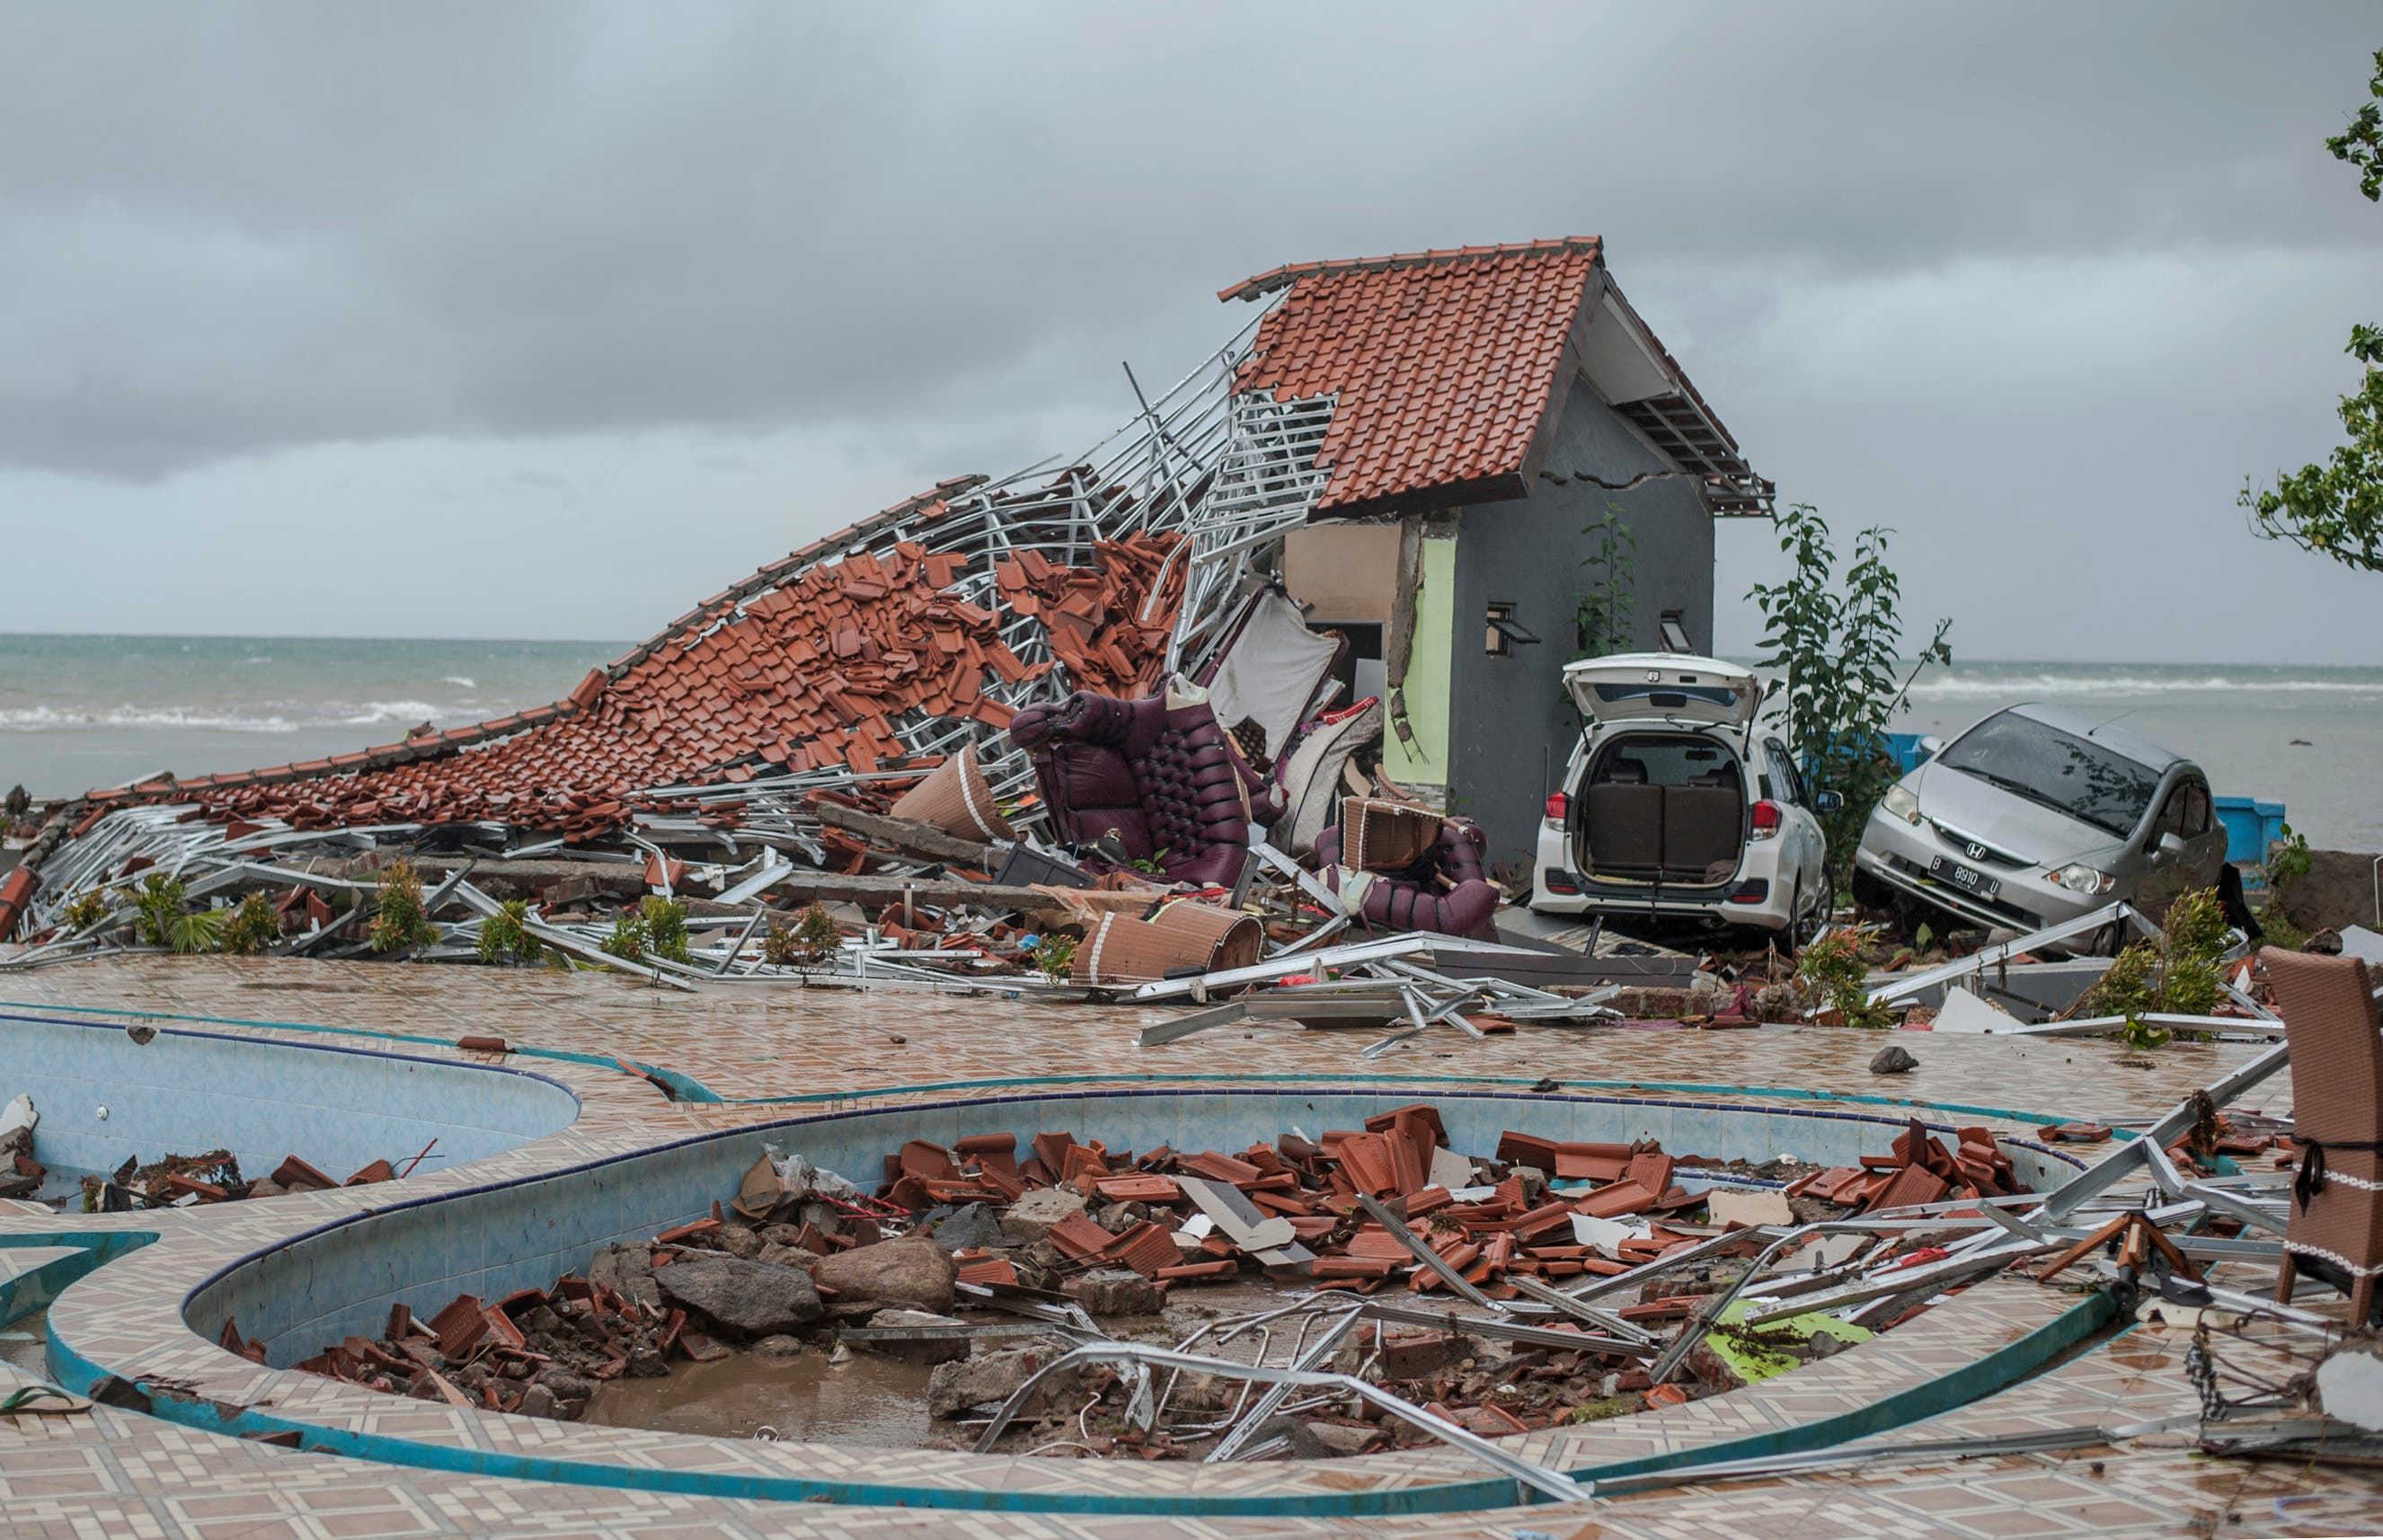 Dieses Haus stürzte wie ein Kartonhaus in sich zusammen. Bild: Fauzy Chaniago / AP)